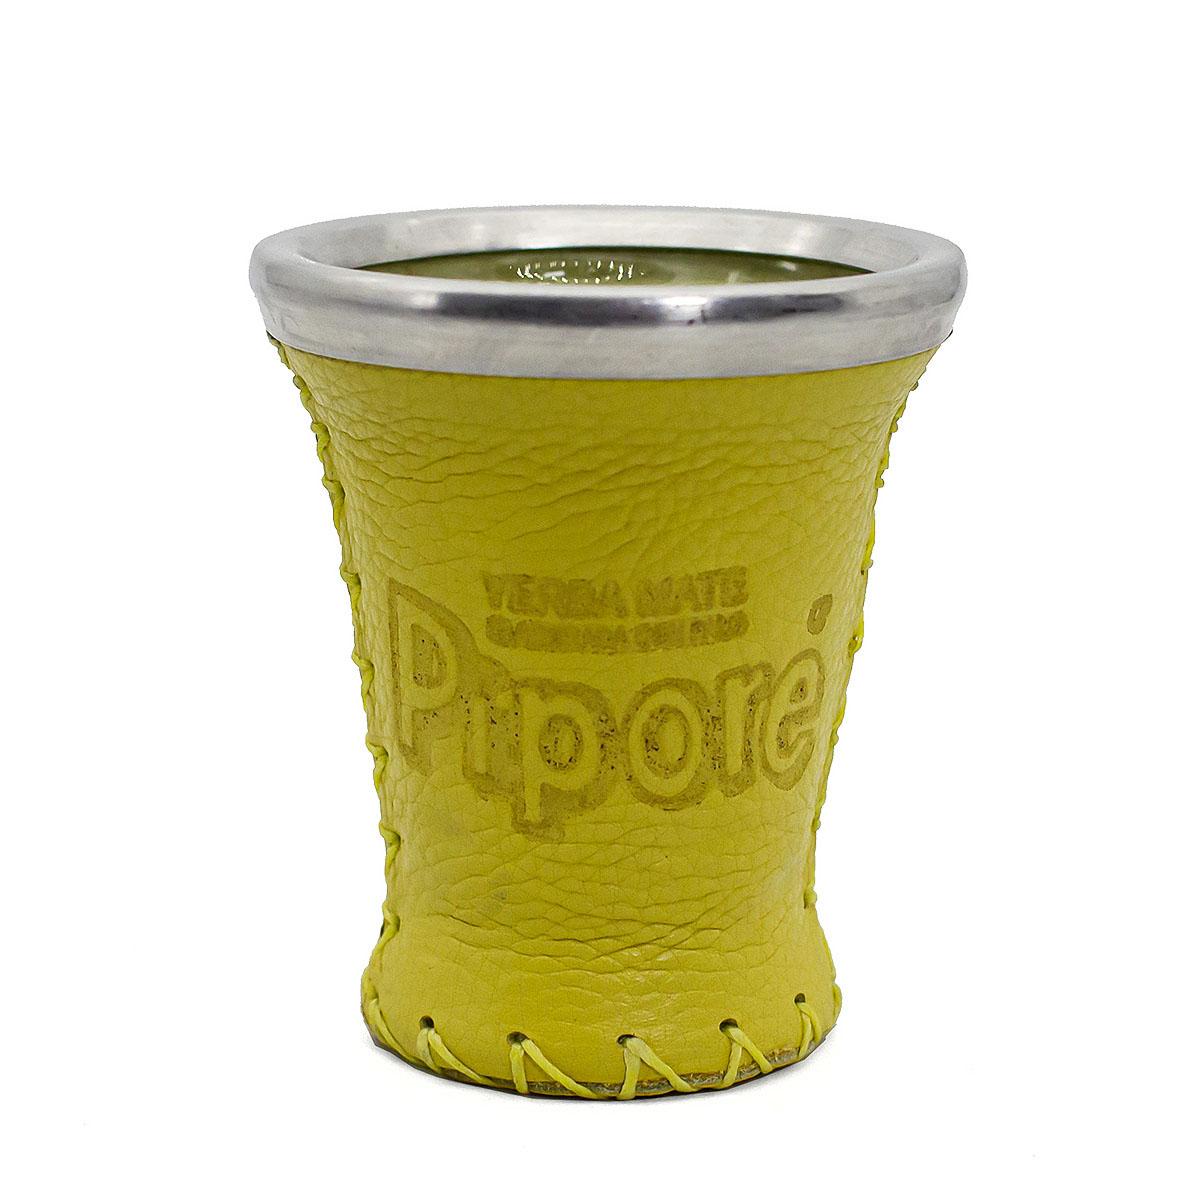 Калабас Pipore желтый, 150 мл калабас гранд чако